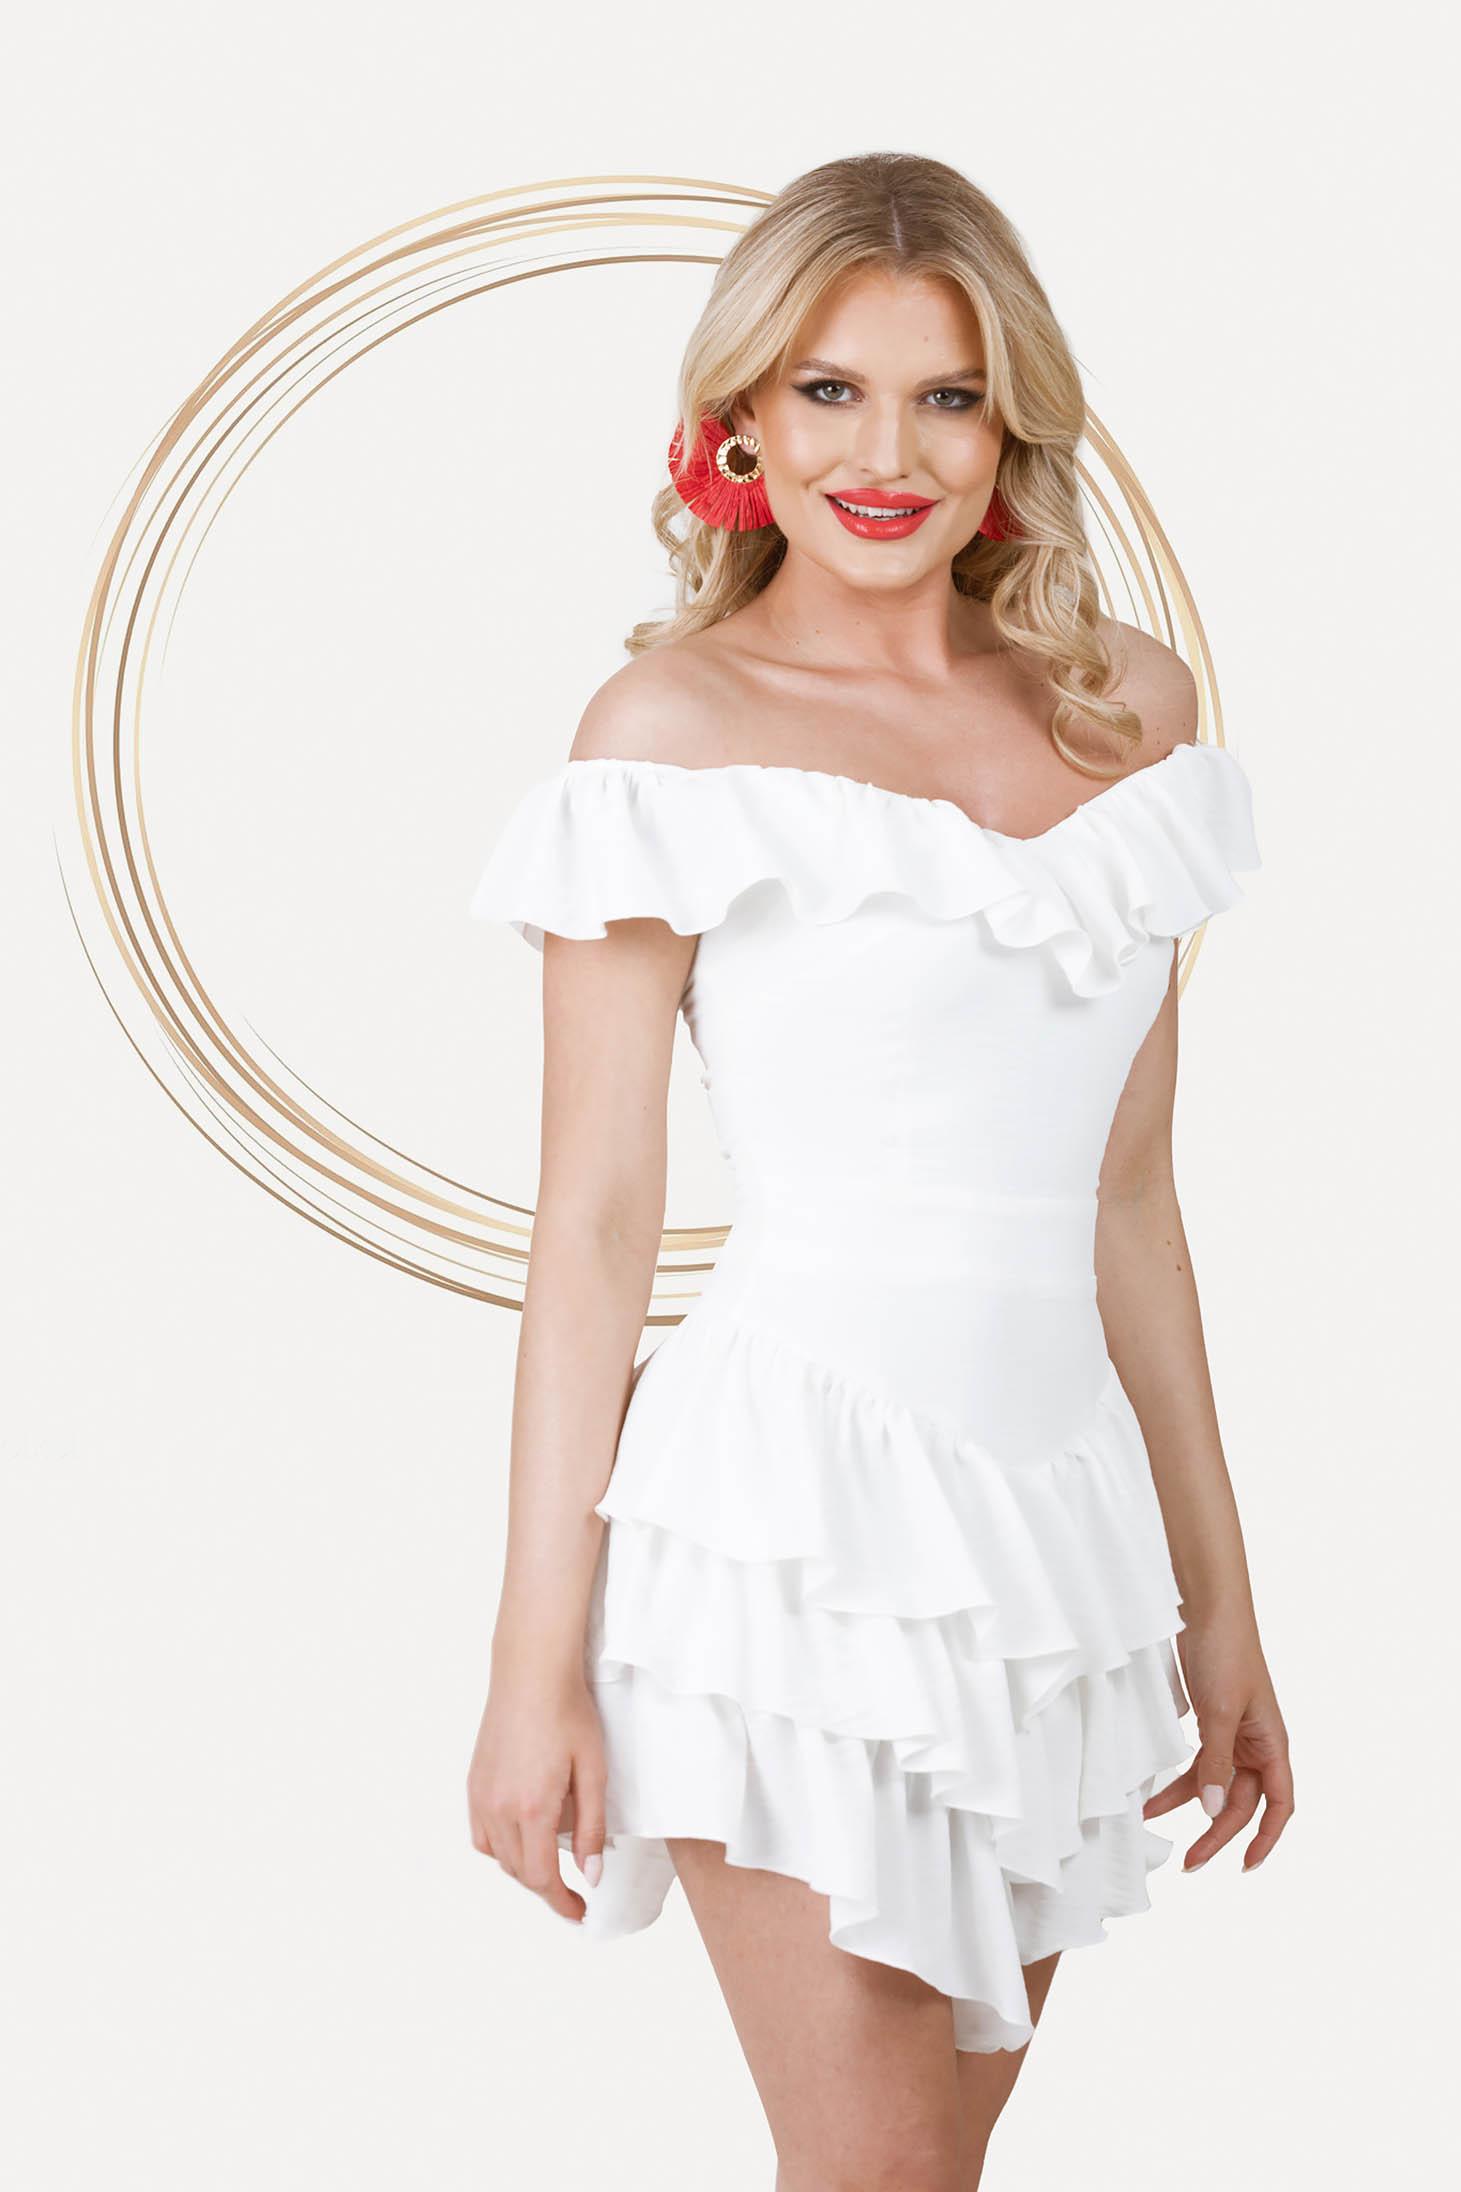 Rochie PrettyGirl ivoire scurta asimetrica in clos cu umeri goi si volanase